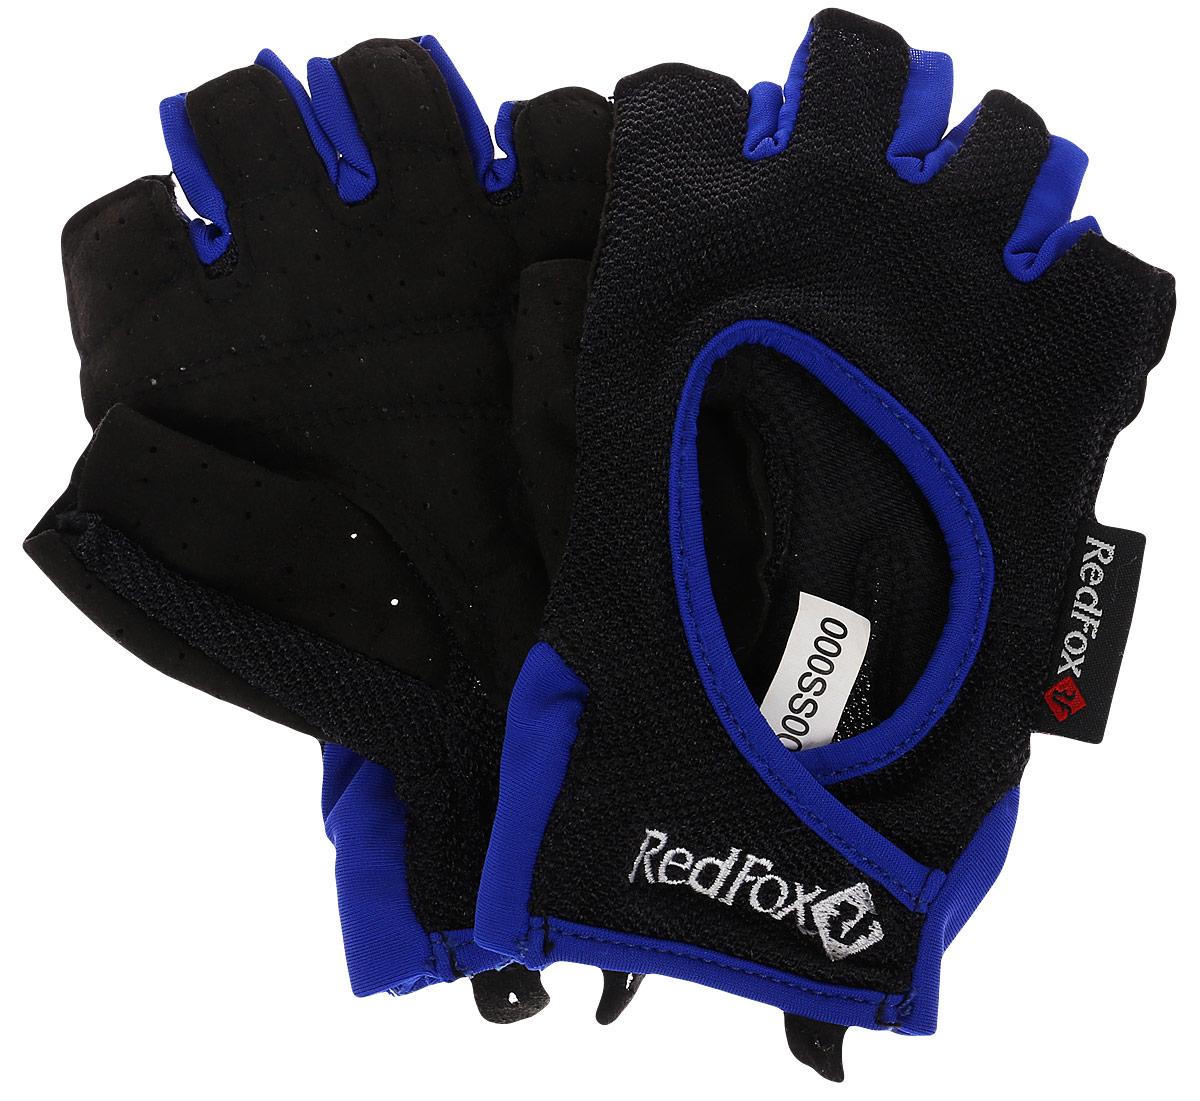 Велоперчатки Red Fox Winner, цвет: черный, синий. Размер L